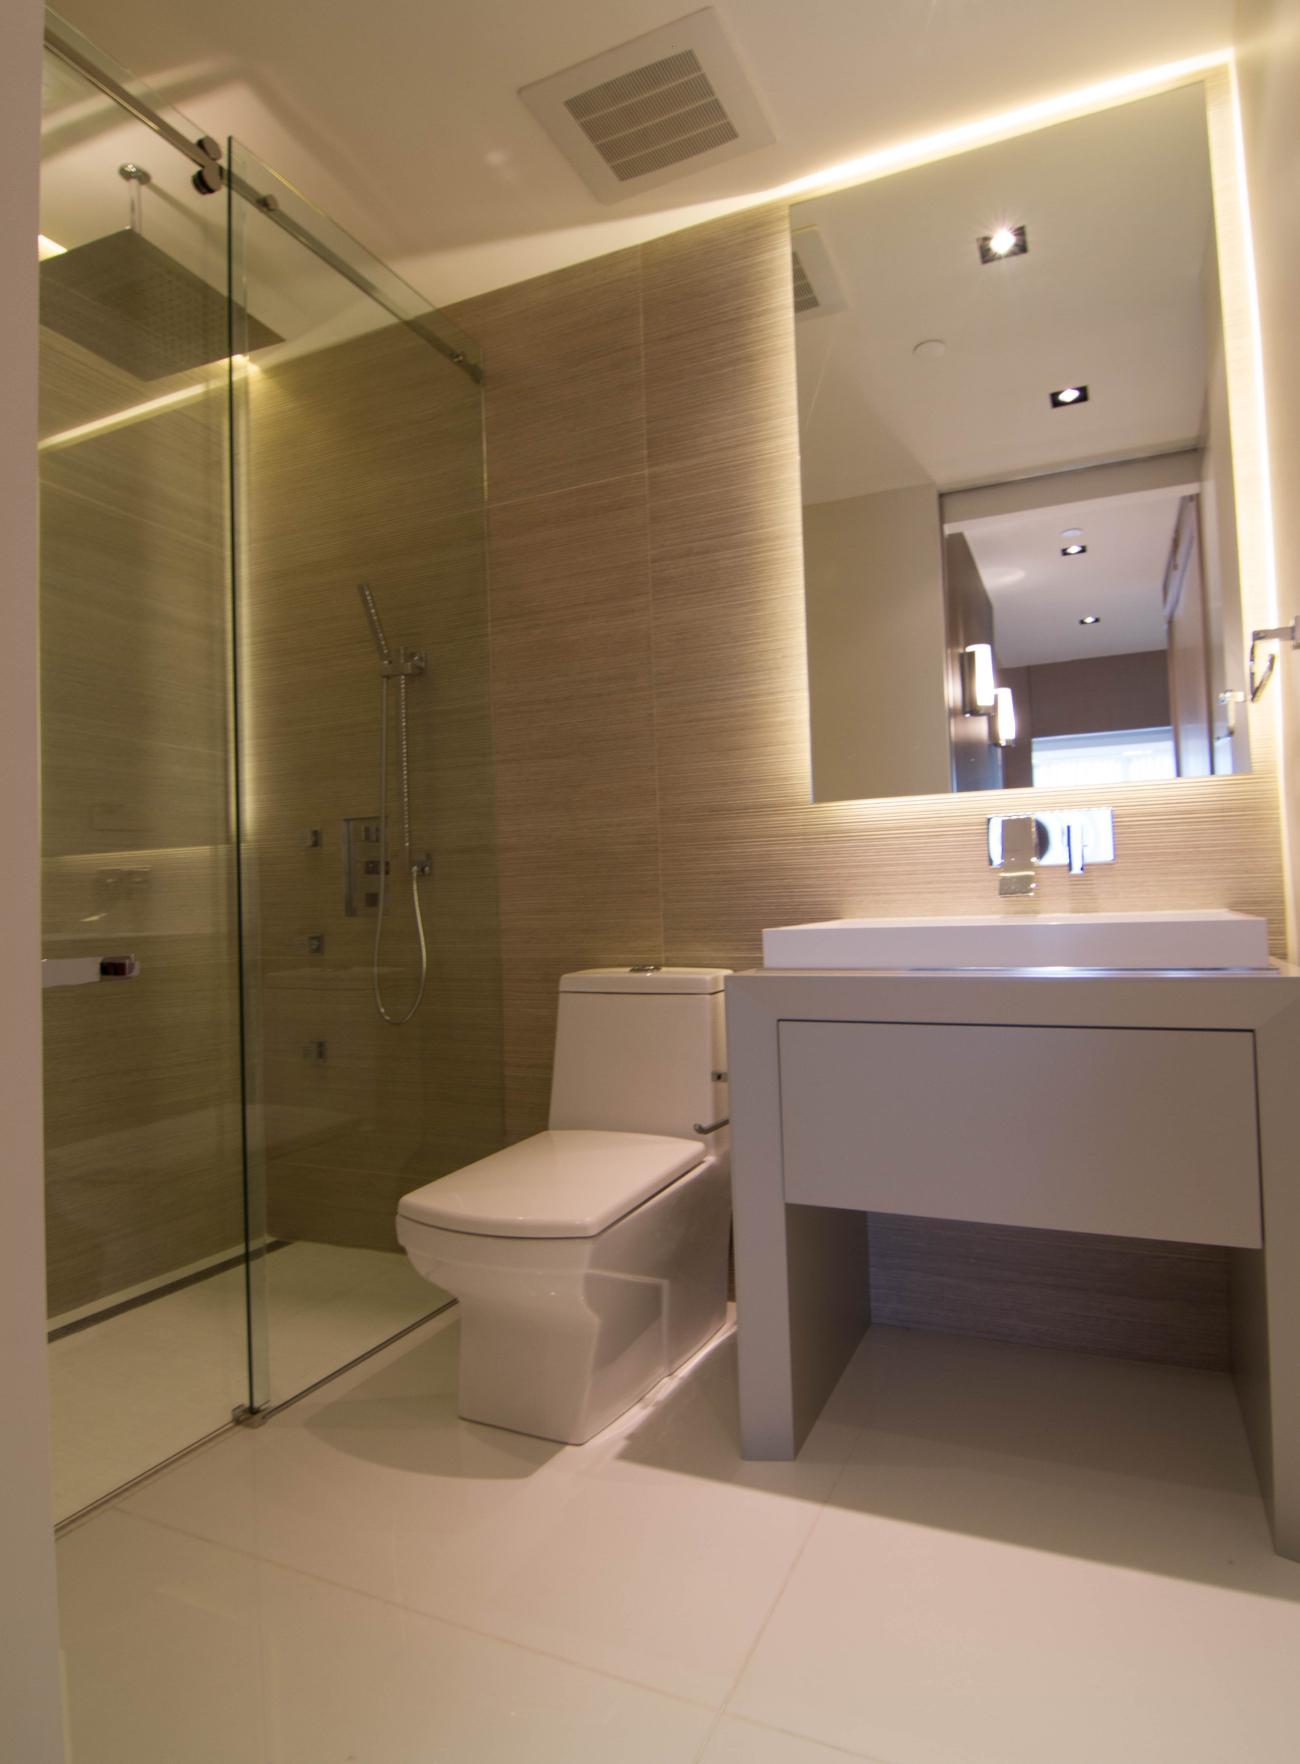 dolce-vita-design-interior-designer-miami-fl-florida-kenilworth-8-rsc